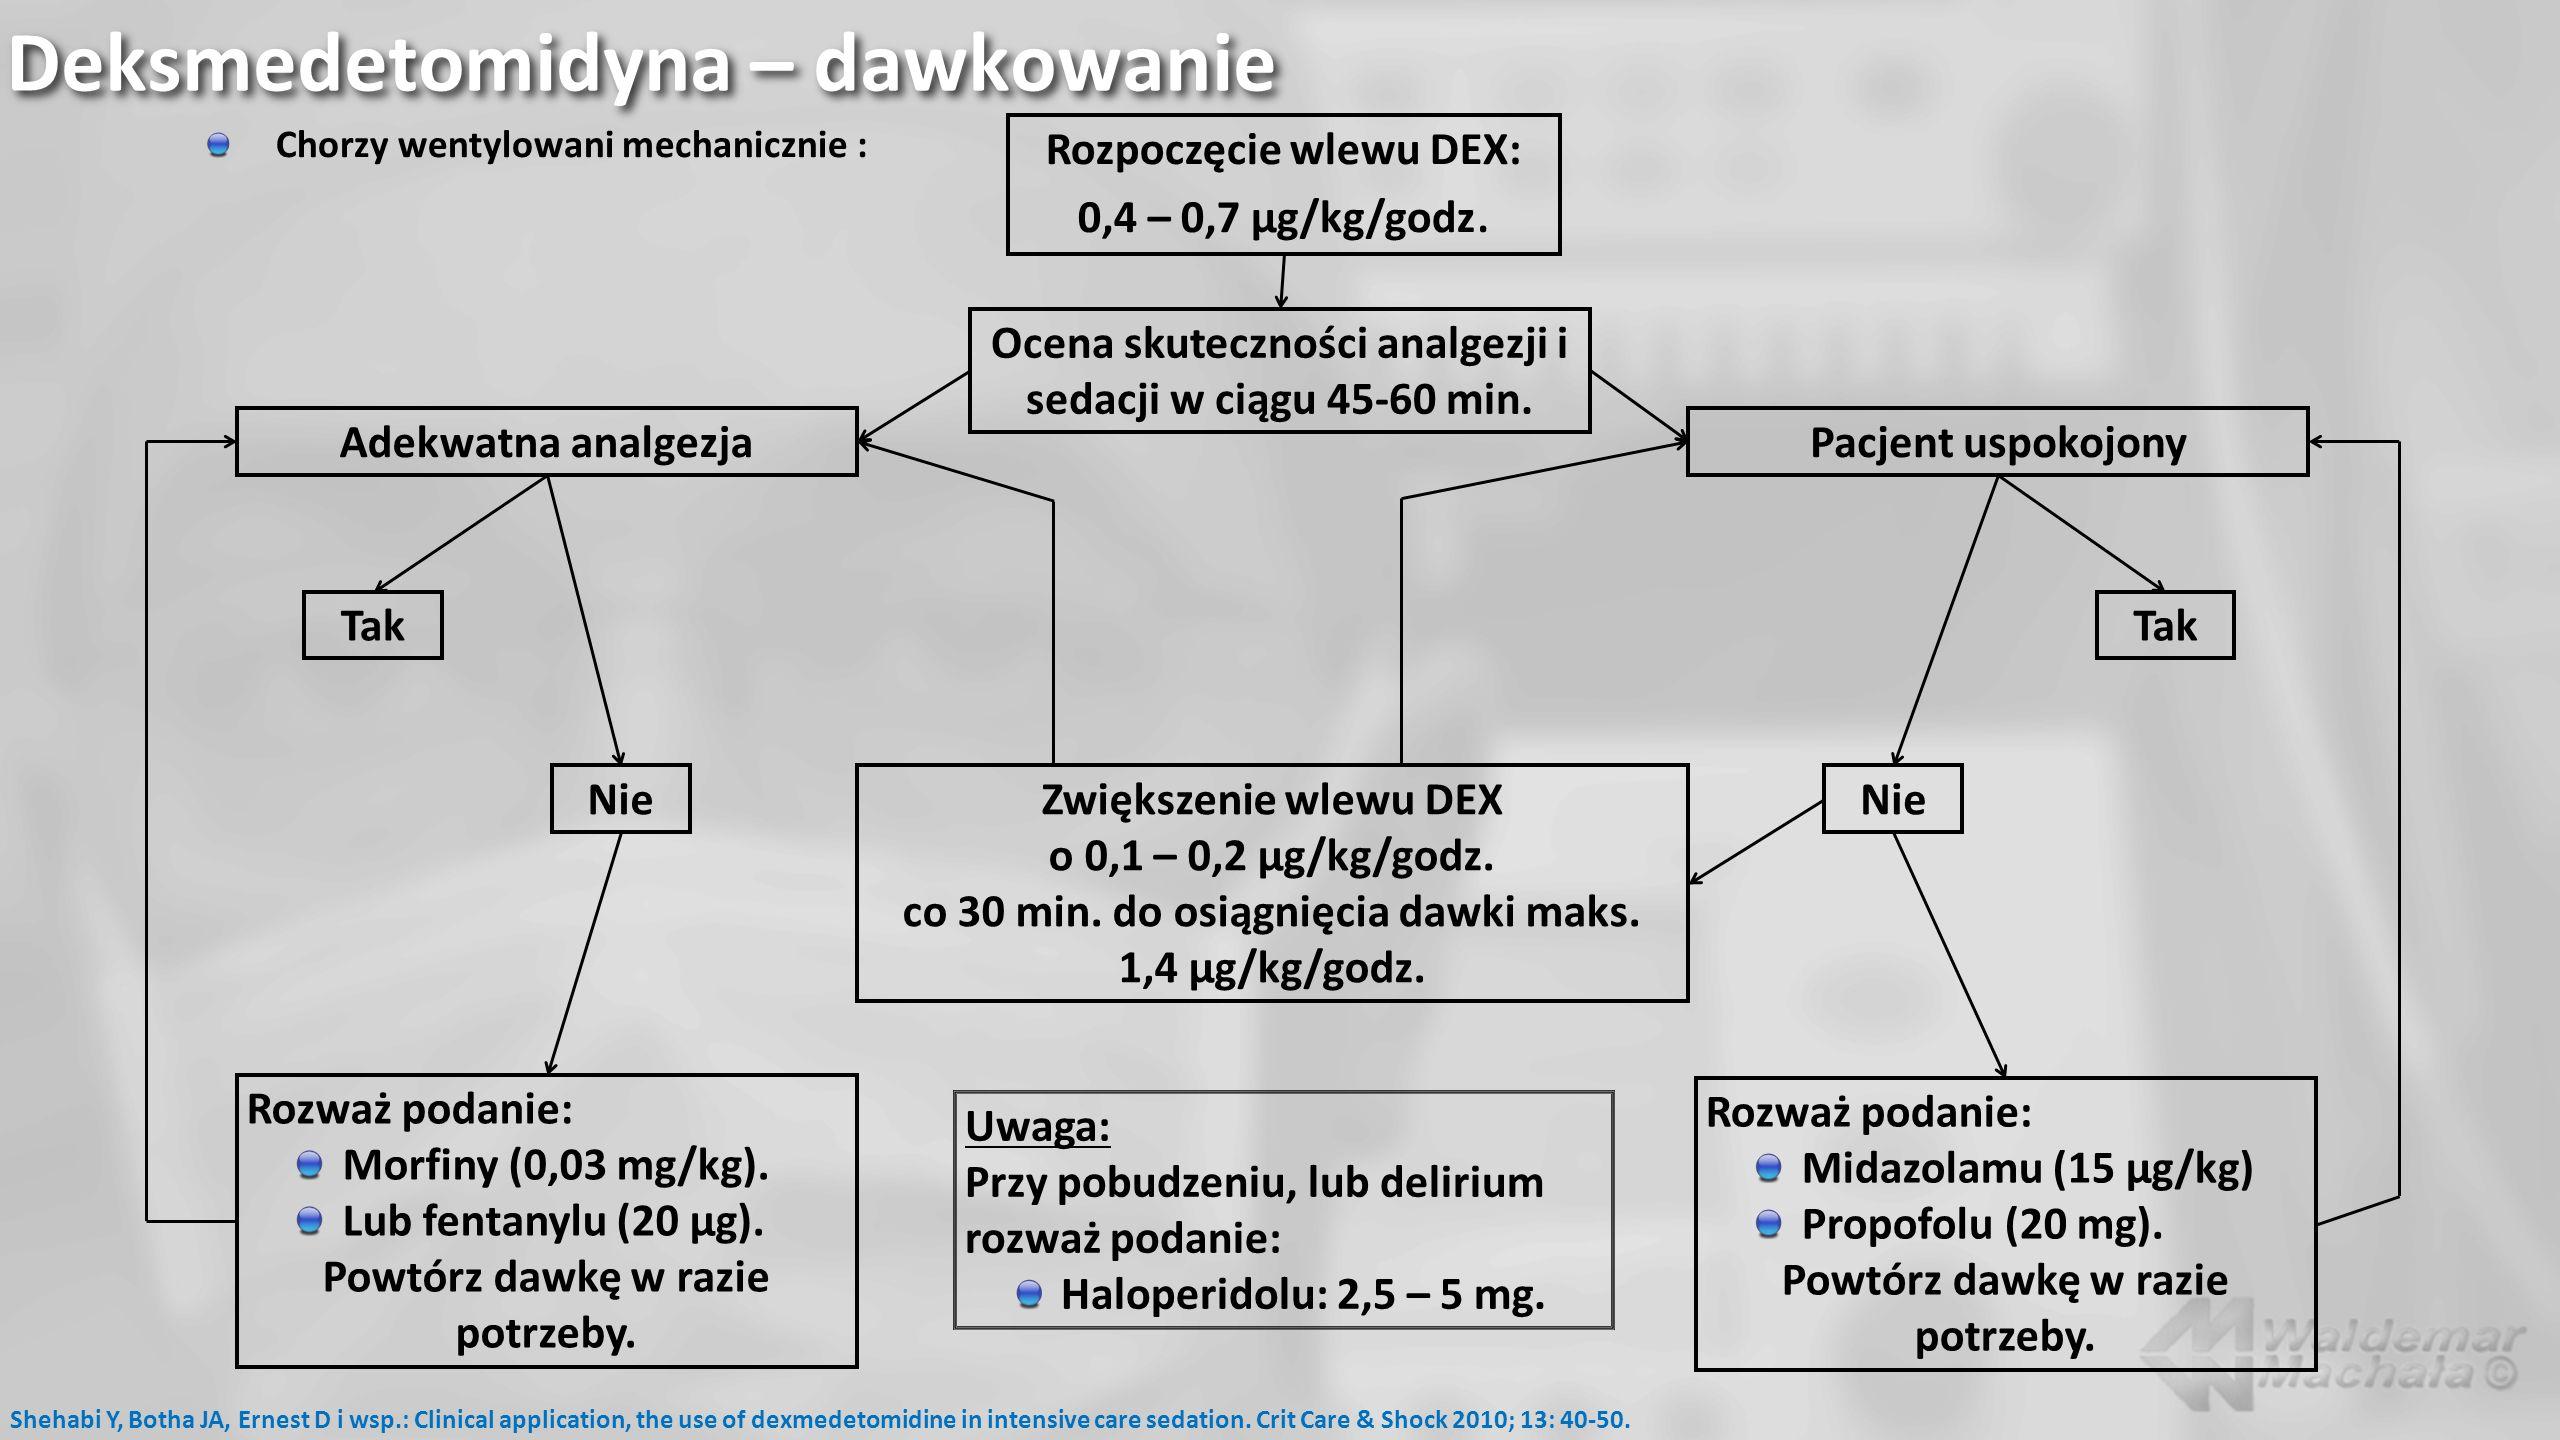 Deksmedetomidyna – dawkowanie Chorzy wentylowani mechanicznie : Shehabi Y, Botha JA, Ernest D i wsp.: Clinical application, the use of dexmedetomidine